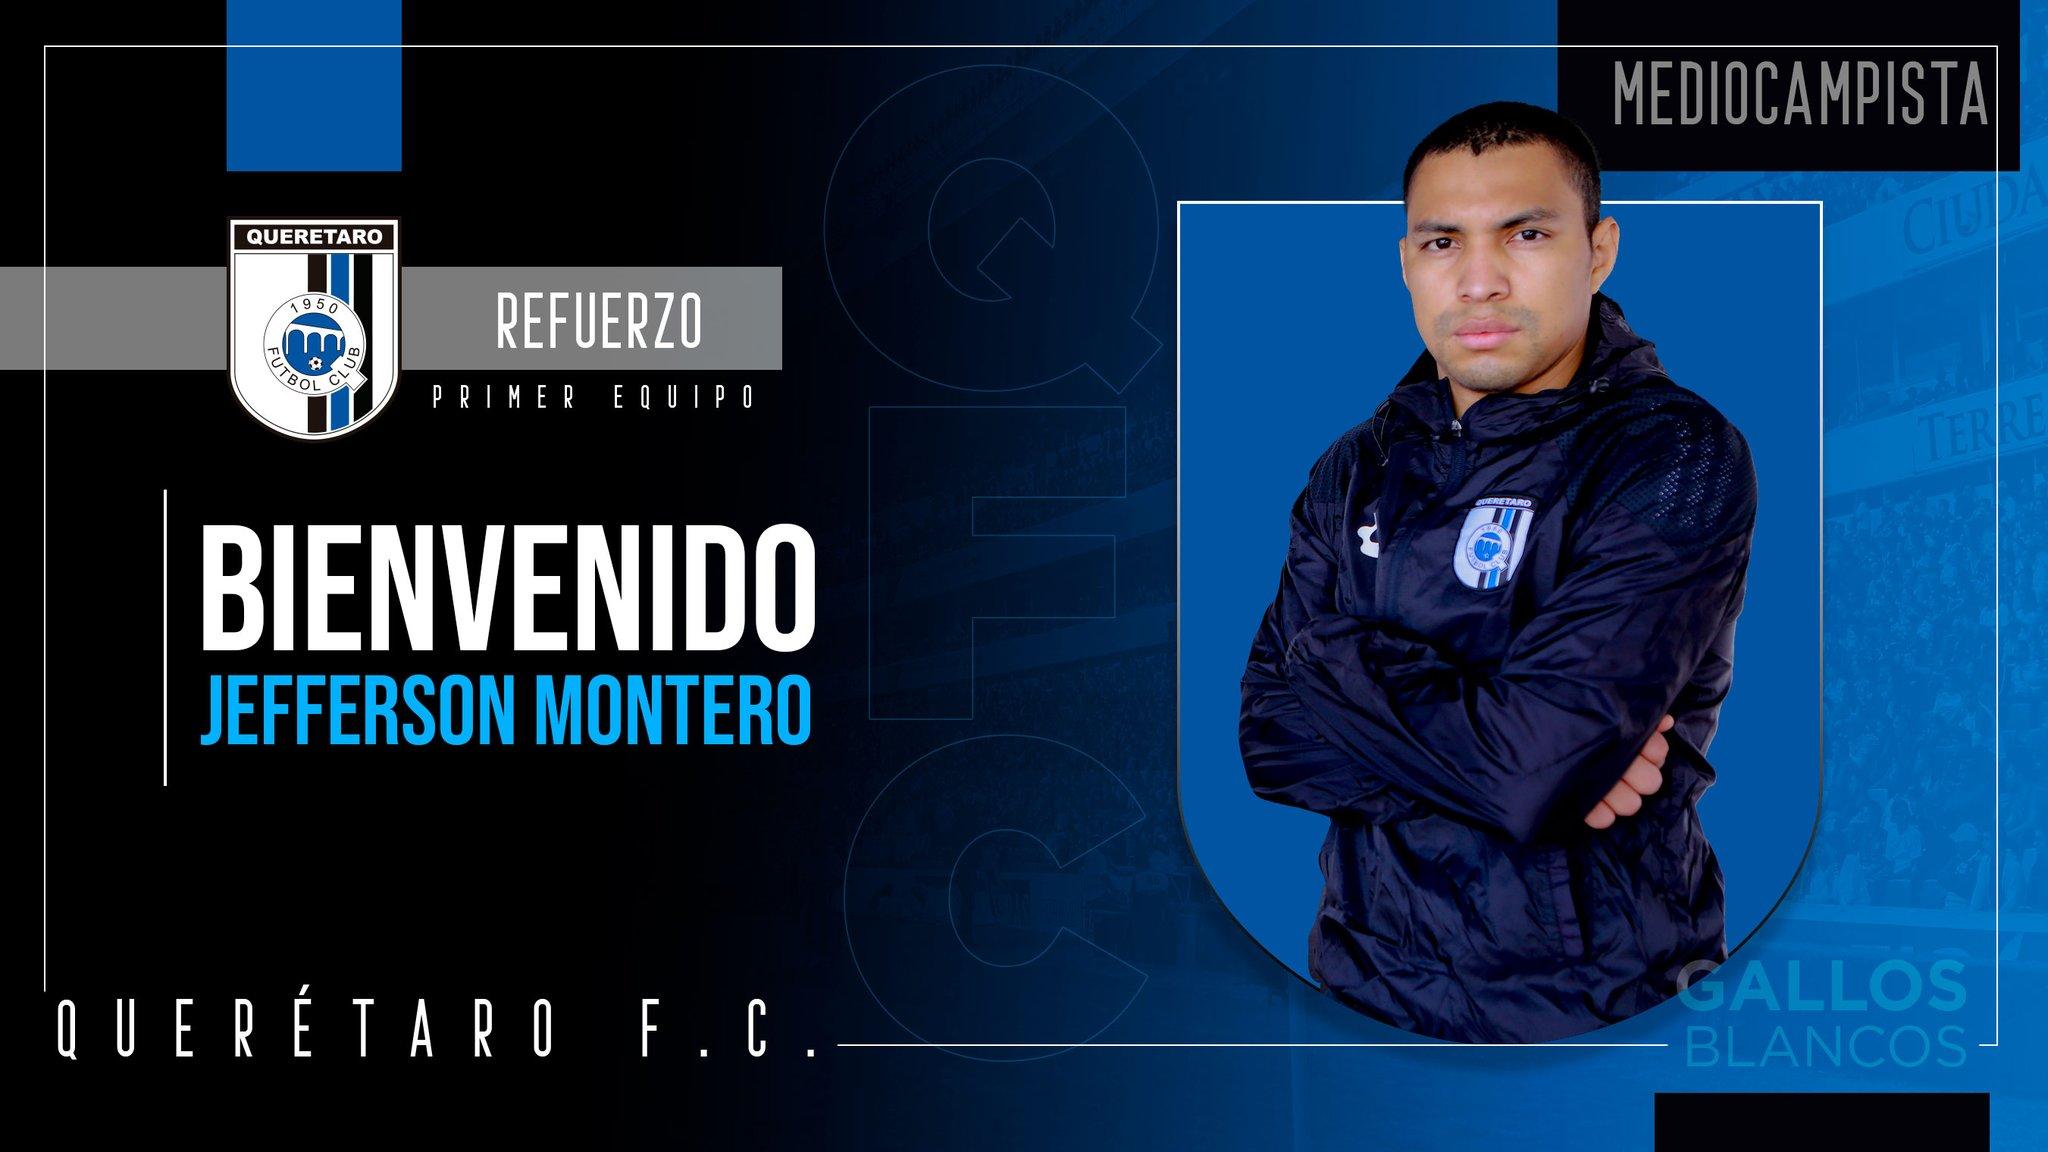 El extremo ecuatoriano retorna al fútbol mexicano, donde destacó con la casaca de Dorados y Morelia